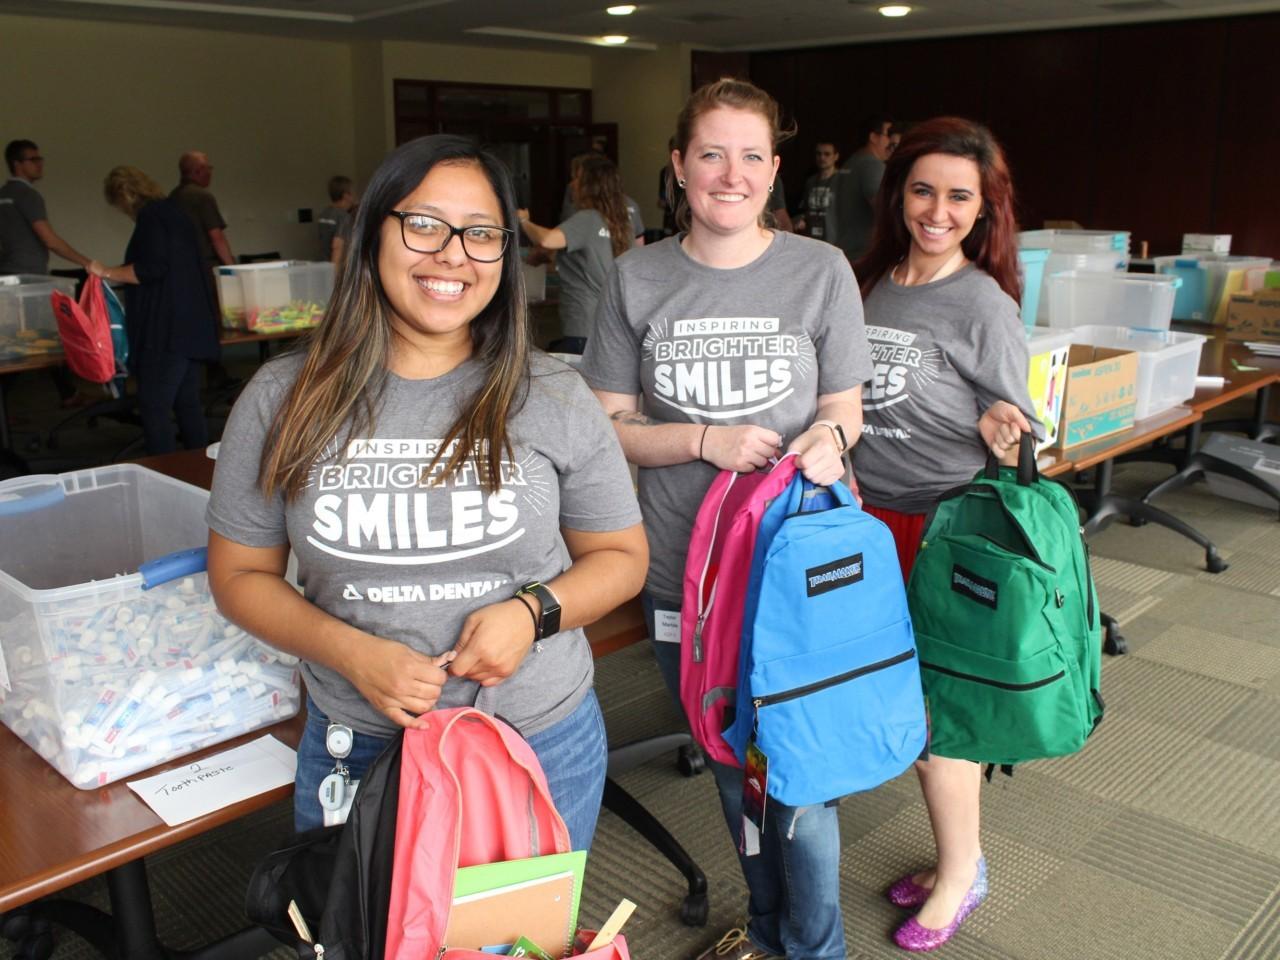 Delta Dental Pack a Smile